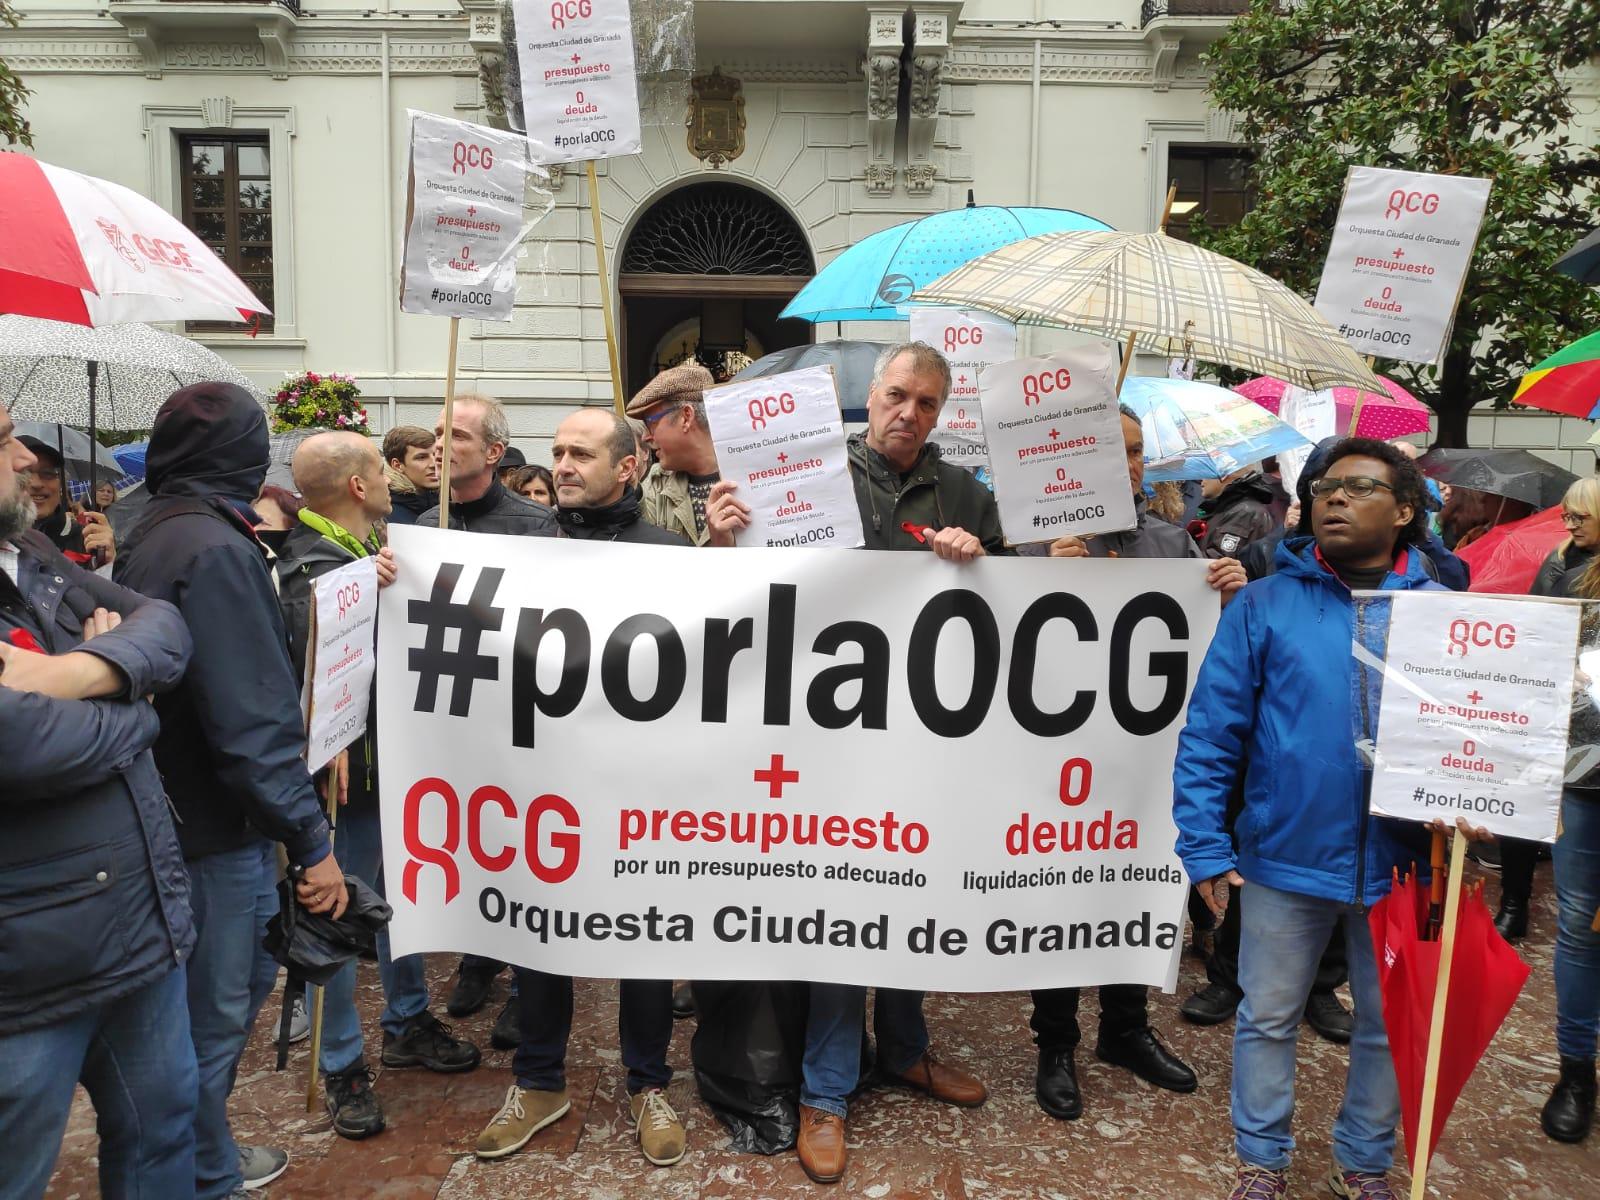 La Orquesta Ciudad de Granada, a la huelga ante su asfixia económica